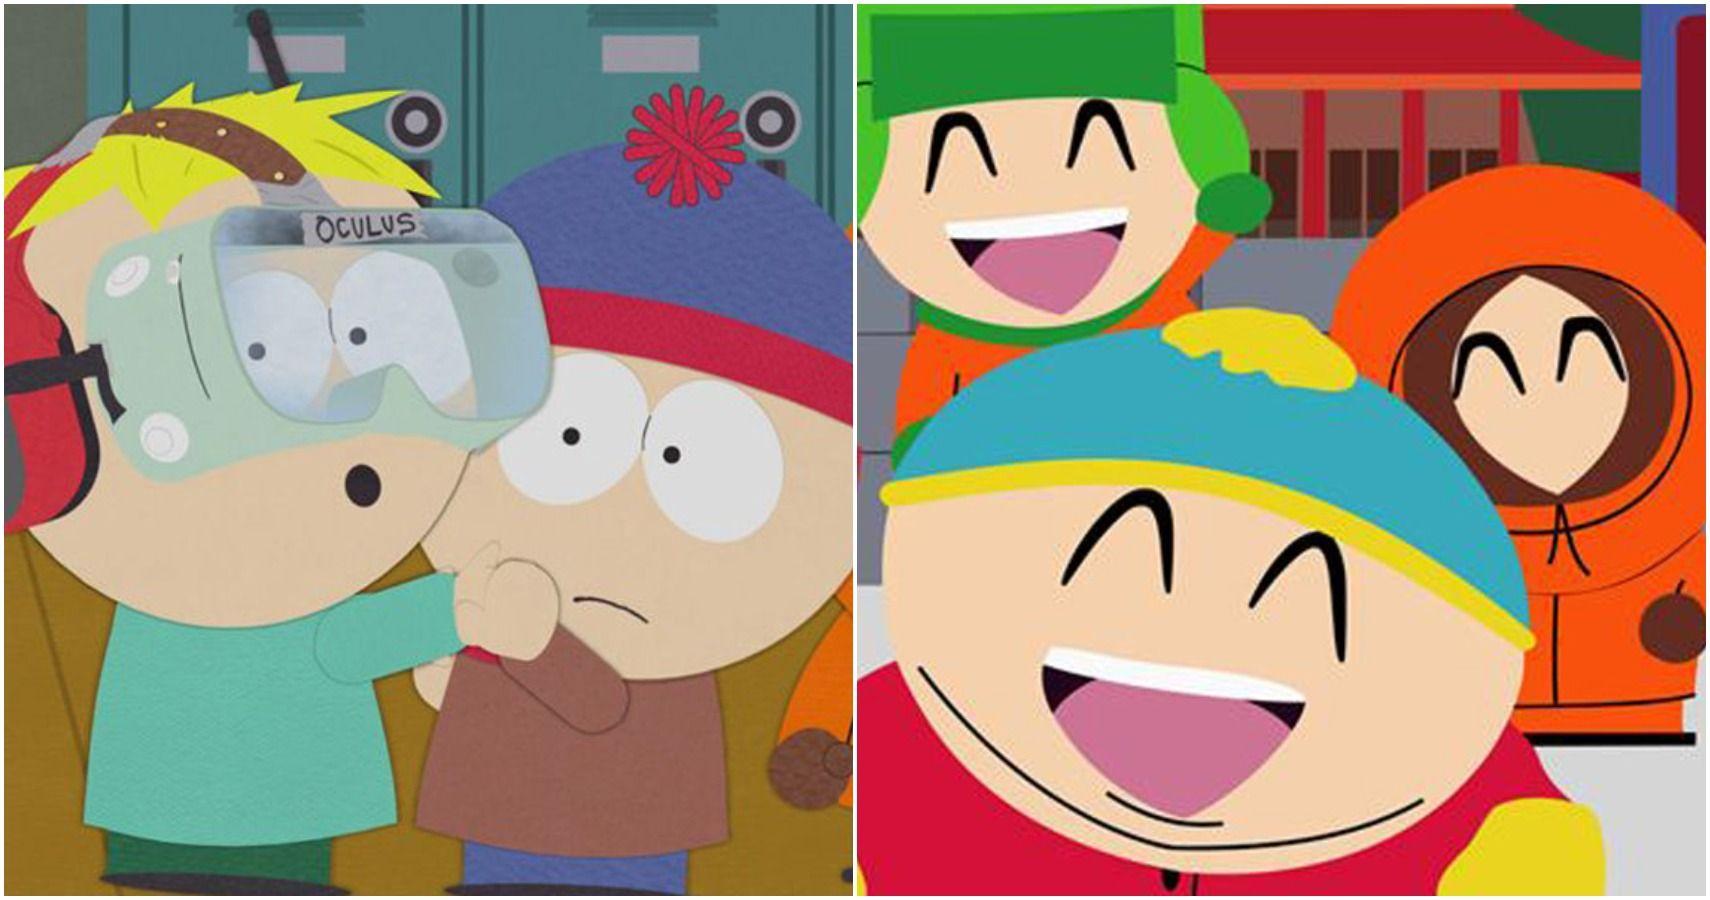 South Park SprГјche